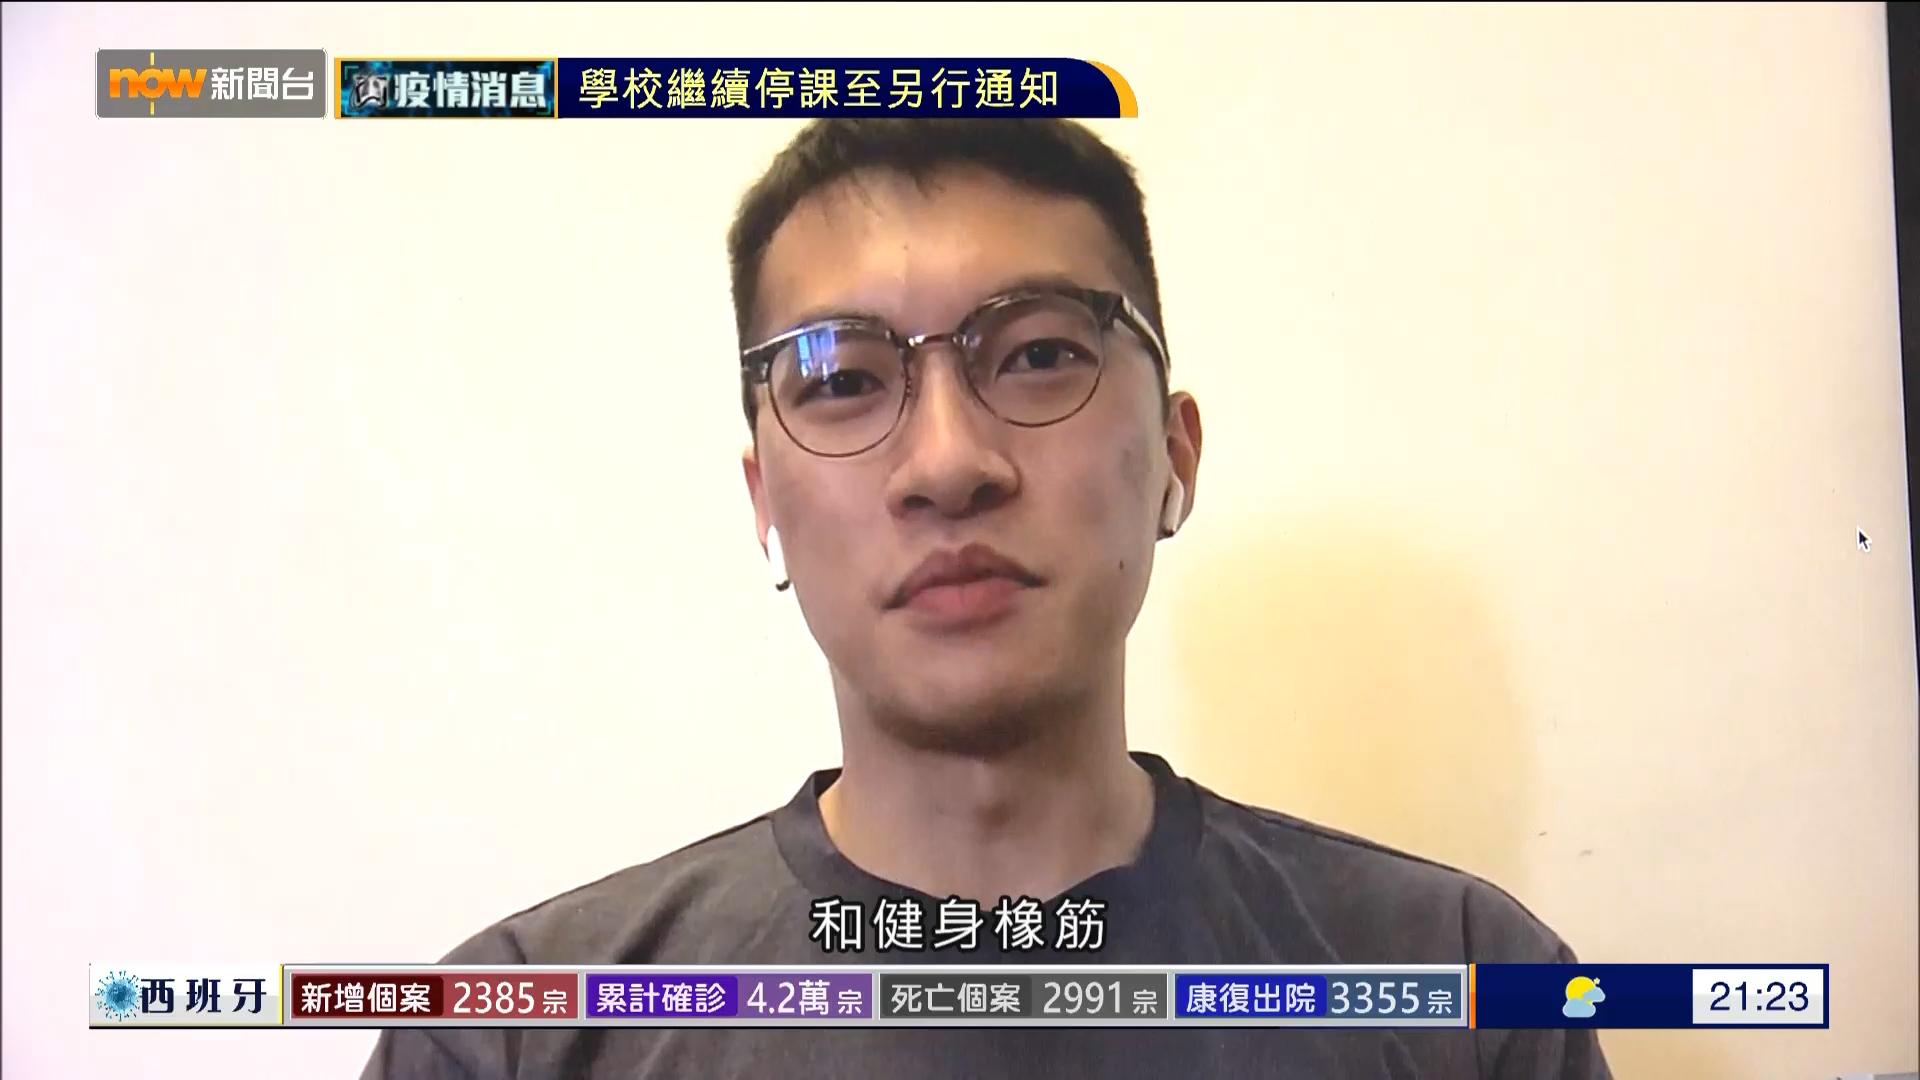 東京奧運延期 香港運動員憂白費努力